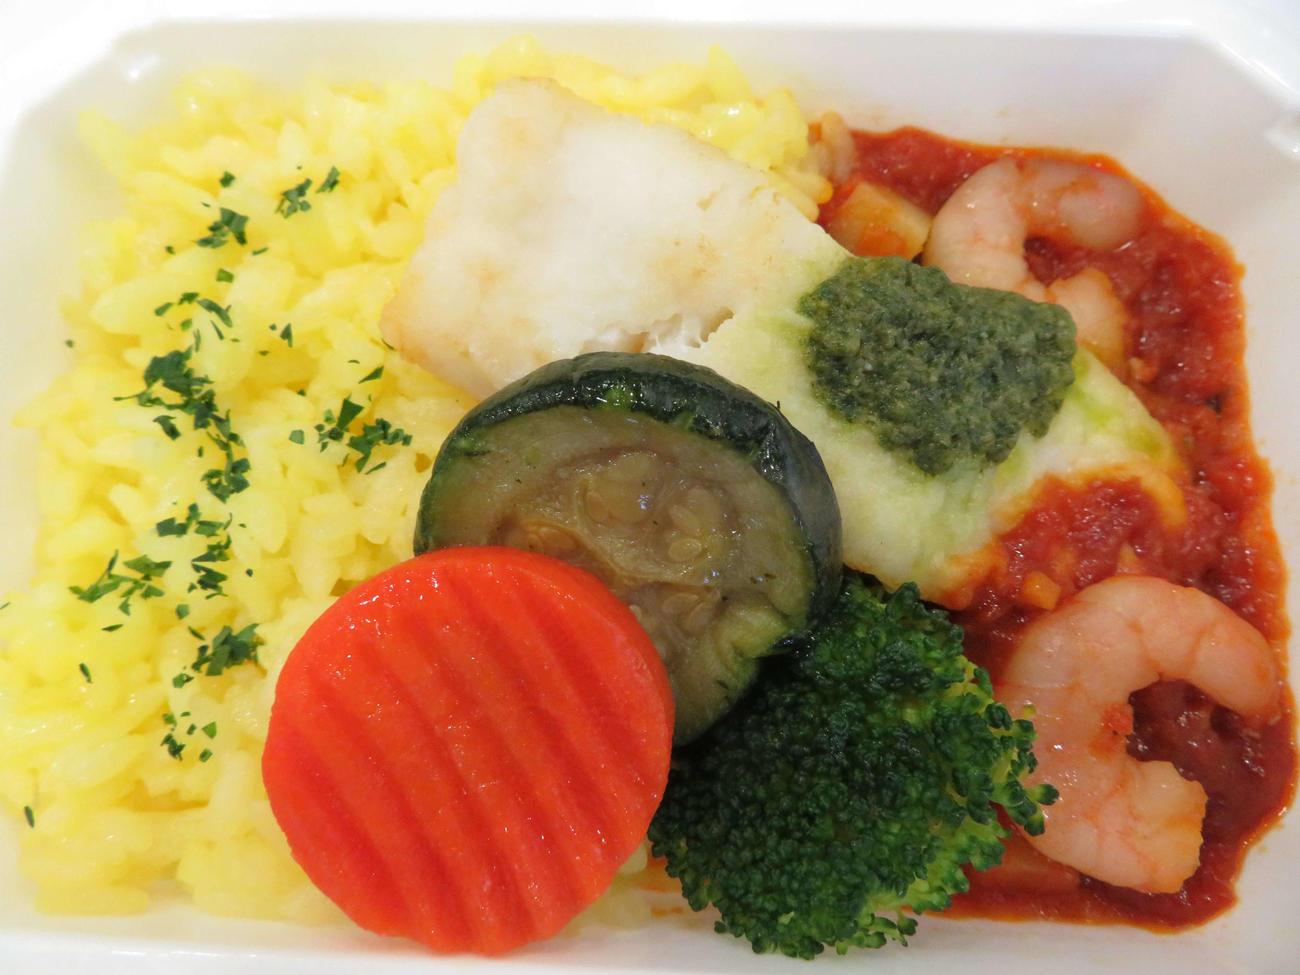 26日から通信販売されるANA国際線エコノミークラス機内食メインディッシュ洋食詰め合わせに含まれる「シーフードのトマト煮 バジル風味」(撮影・近藤由美子)